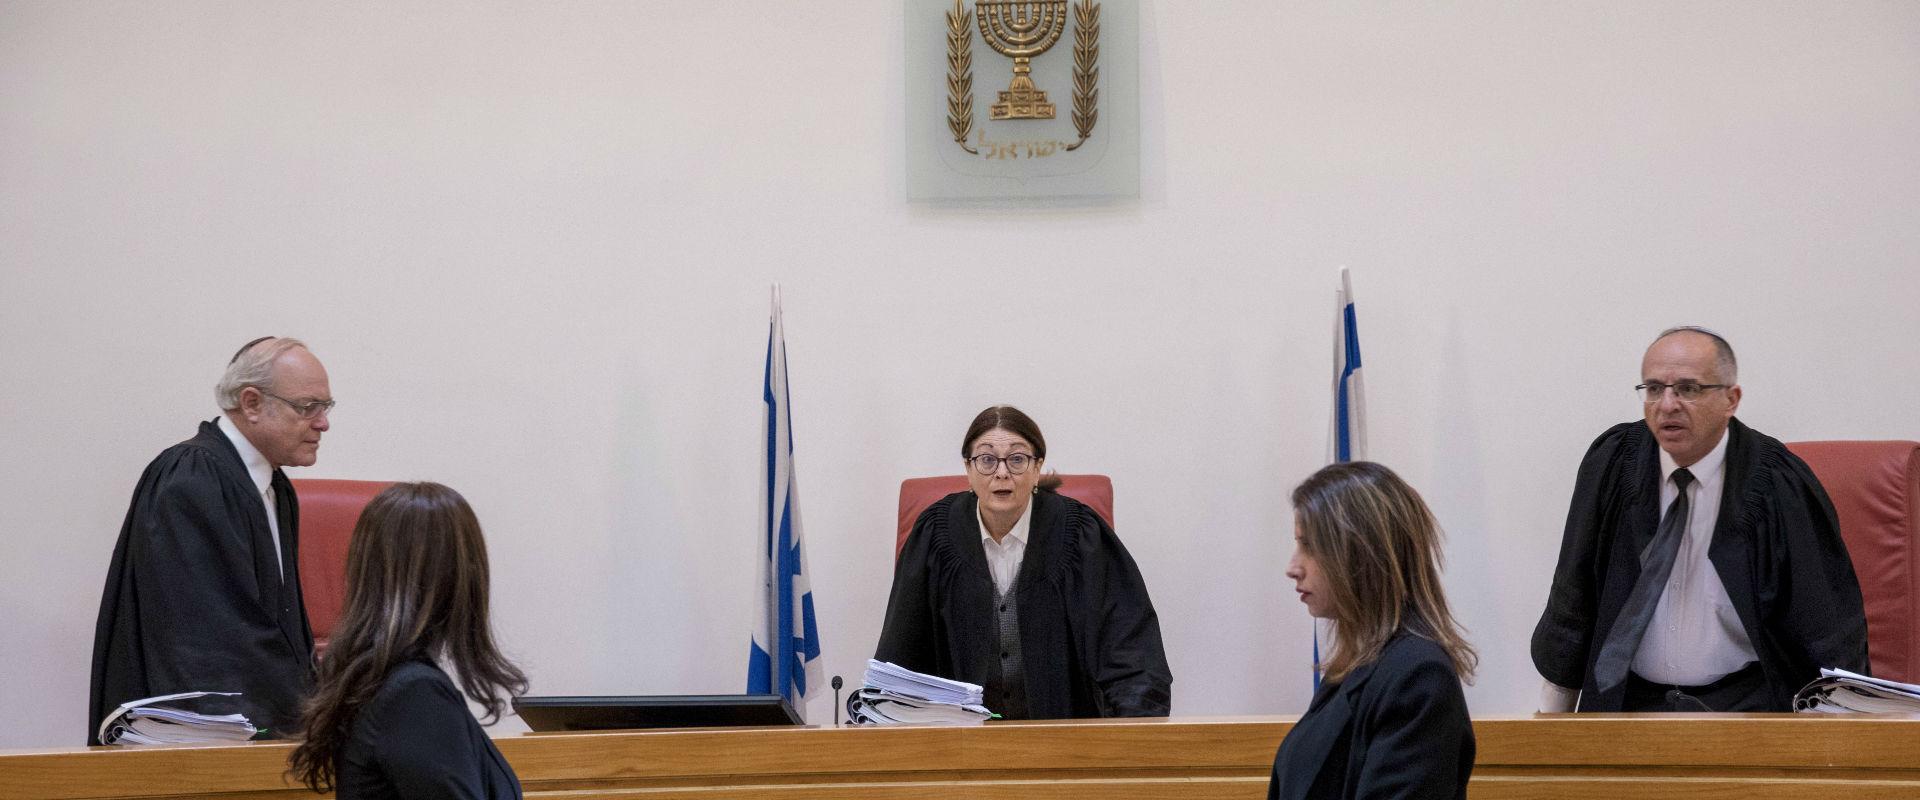 השופטים סולברג, חיות והנדל, בפברואר